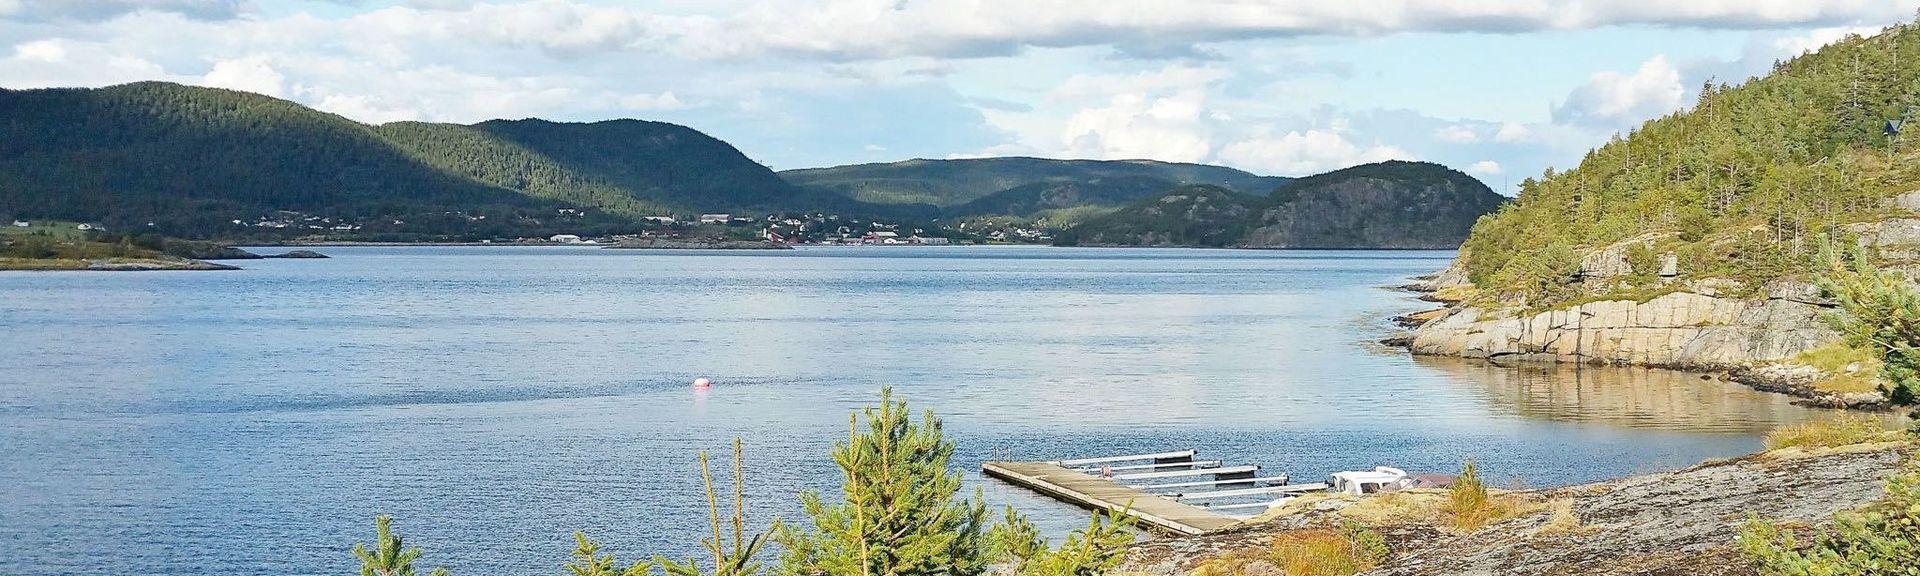 Sør-Trondelag (Provinz), Trøndelag, Norwegen